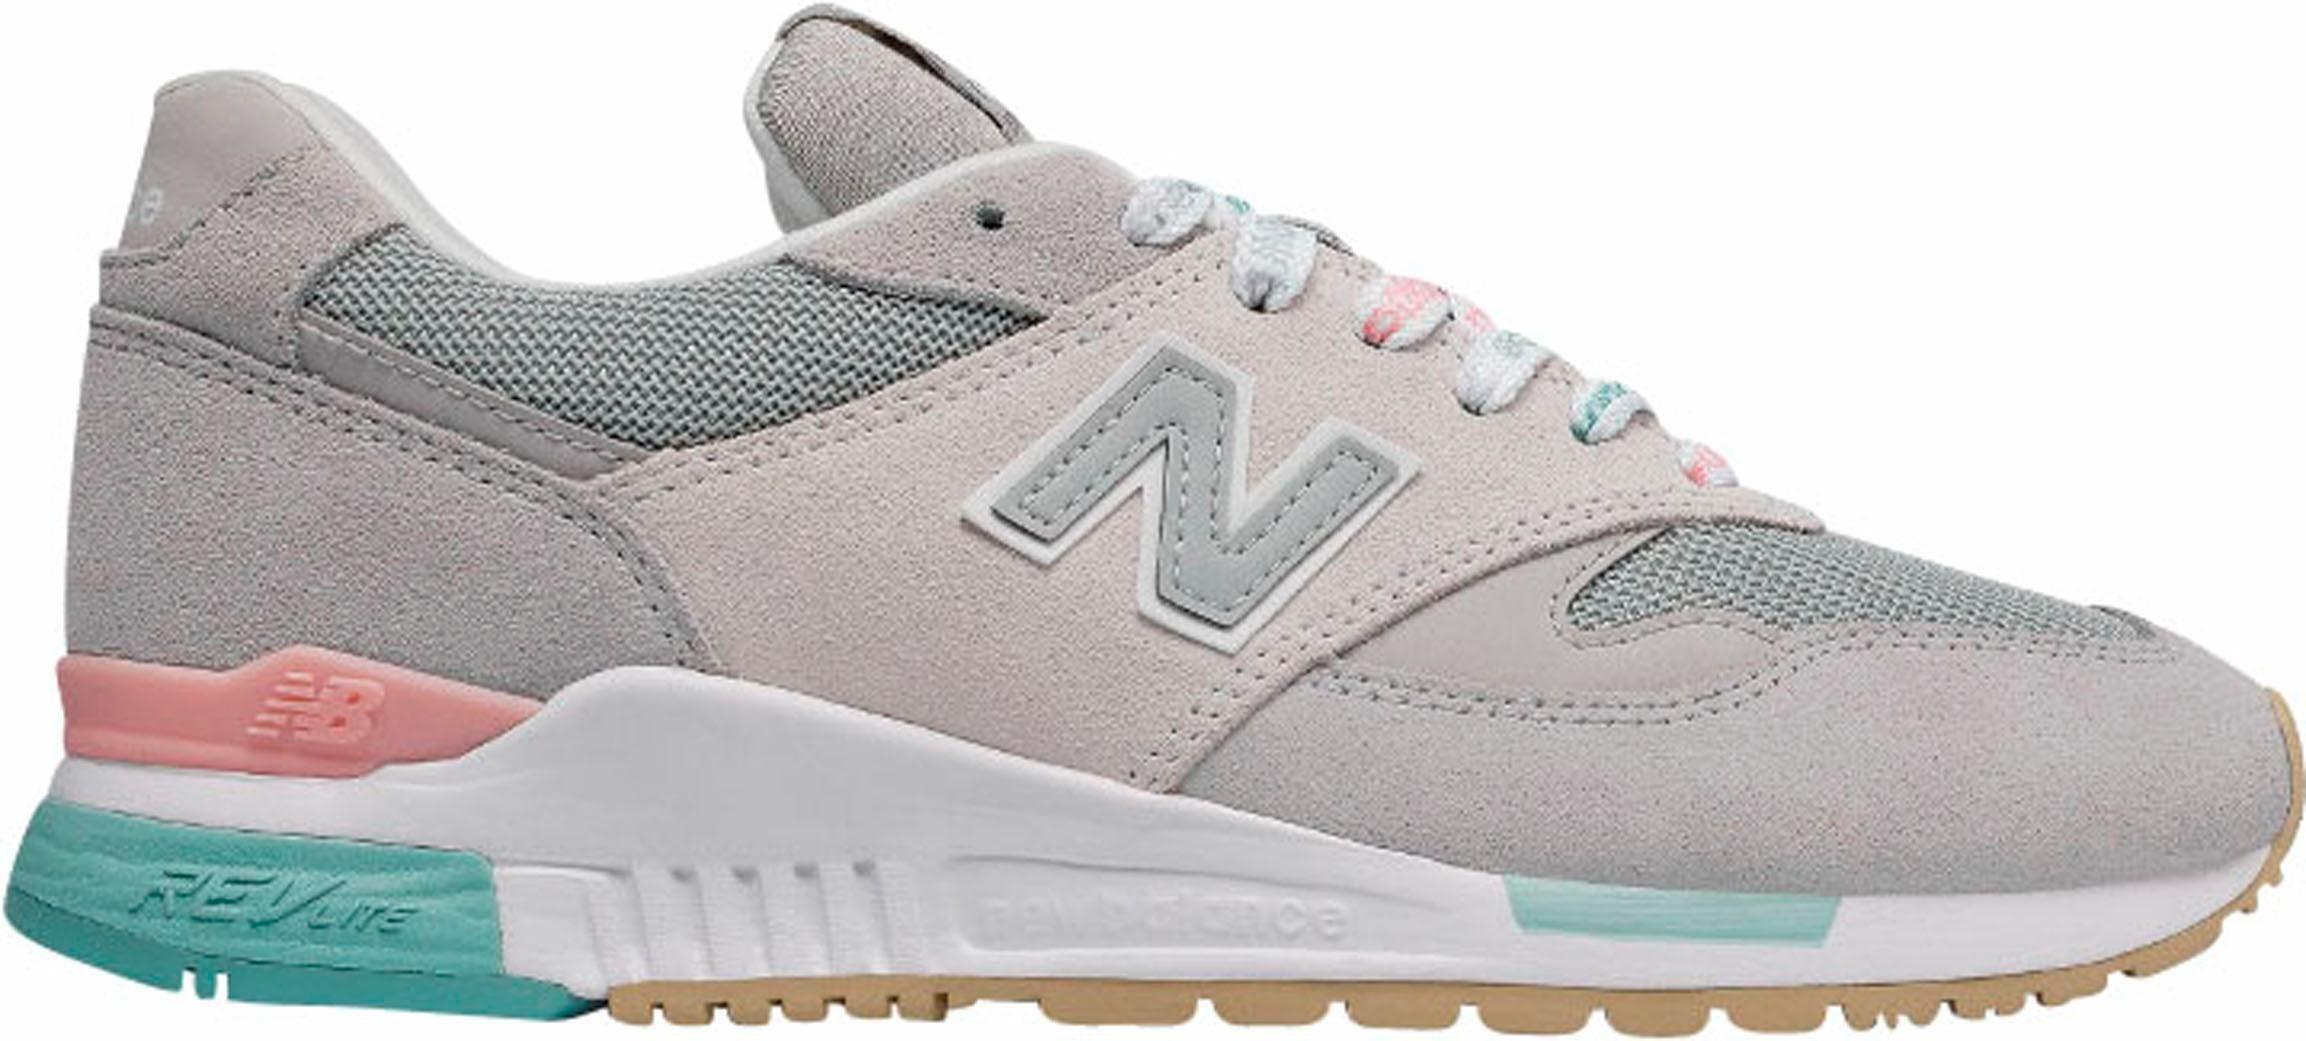 New Balance »WL 840« Sneaker, Trendiger Damensneaker WL840 von New Balance  online kaufen | OTTO